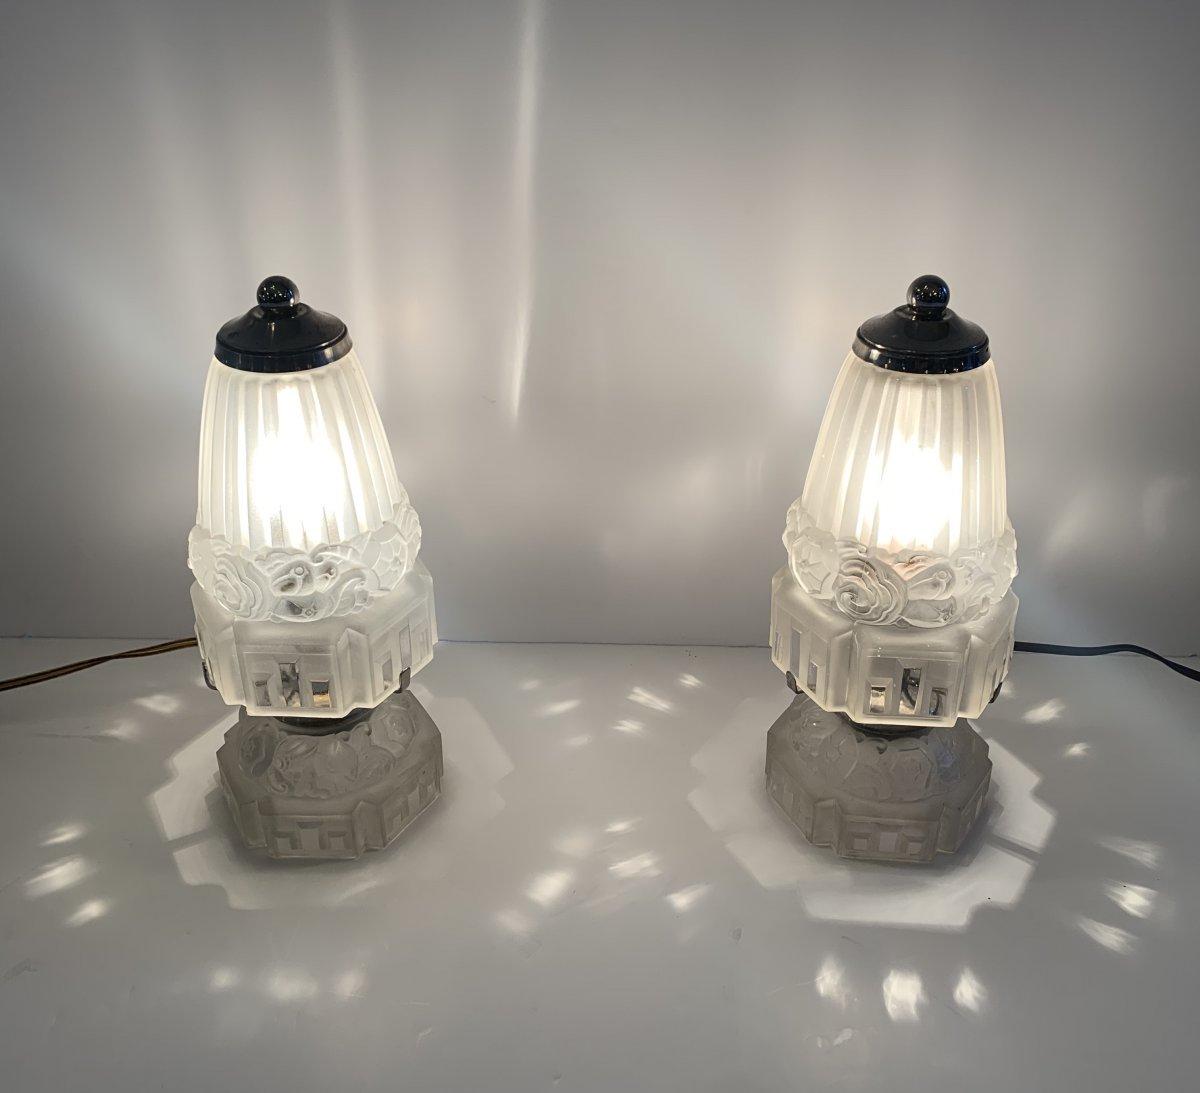 Paire De Lampes à Poser Ou Veilleuses  Art Déco J. Robert ( Lampe / Luminaire Art Deco 1930 )